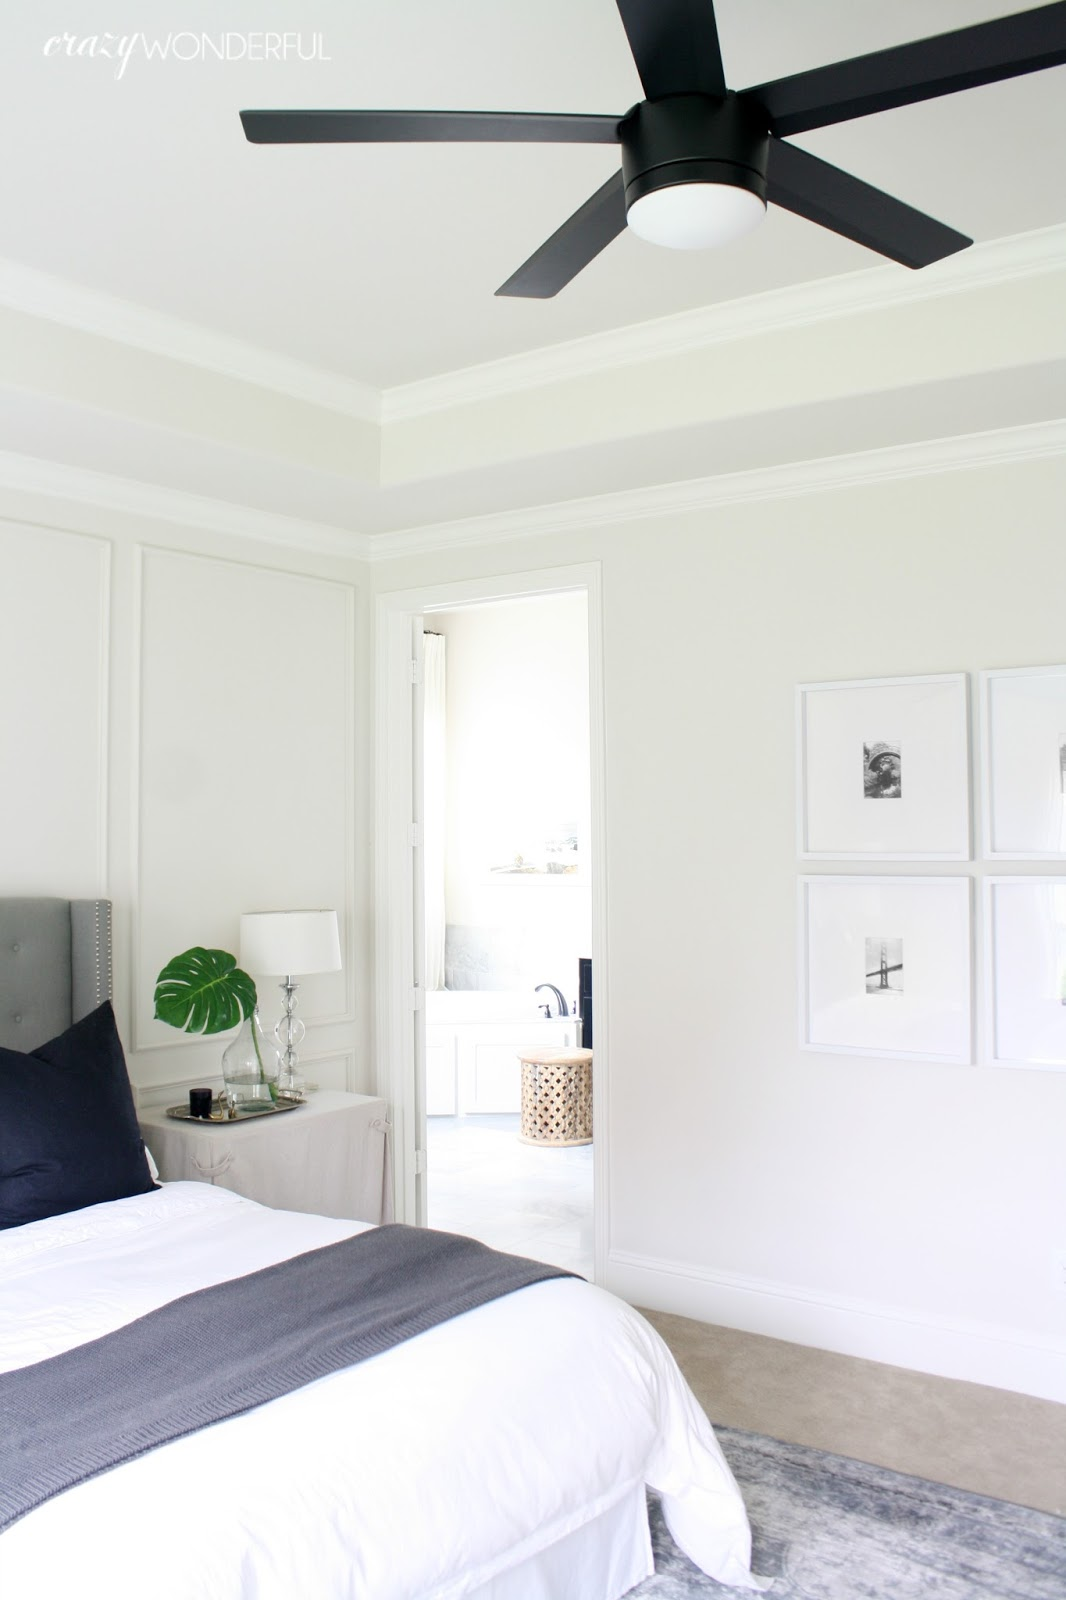 bedroom ceiling fan - Crazy Wonderful